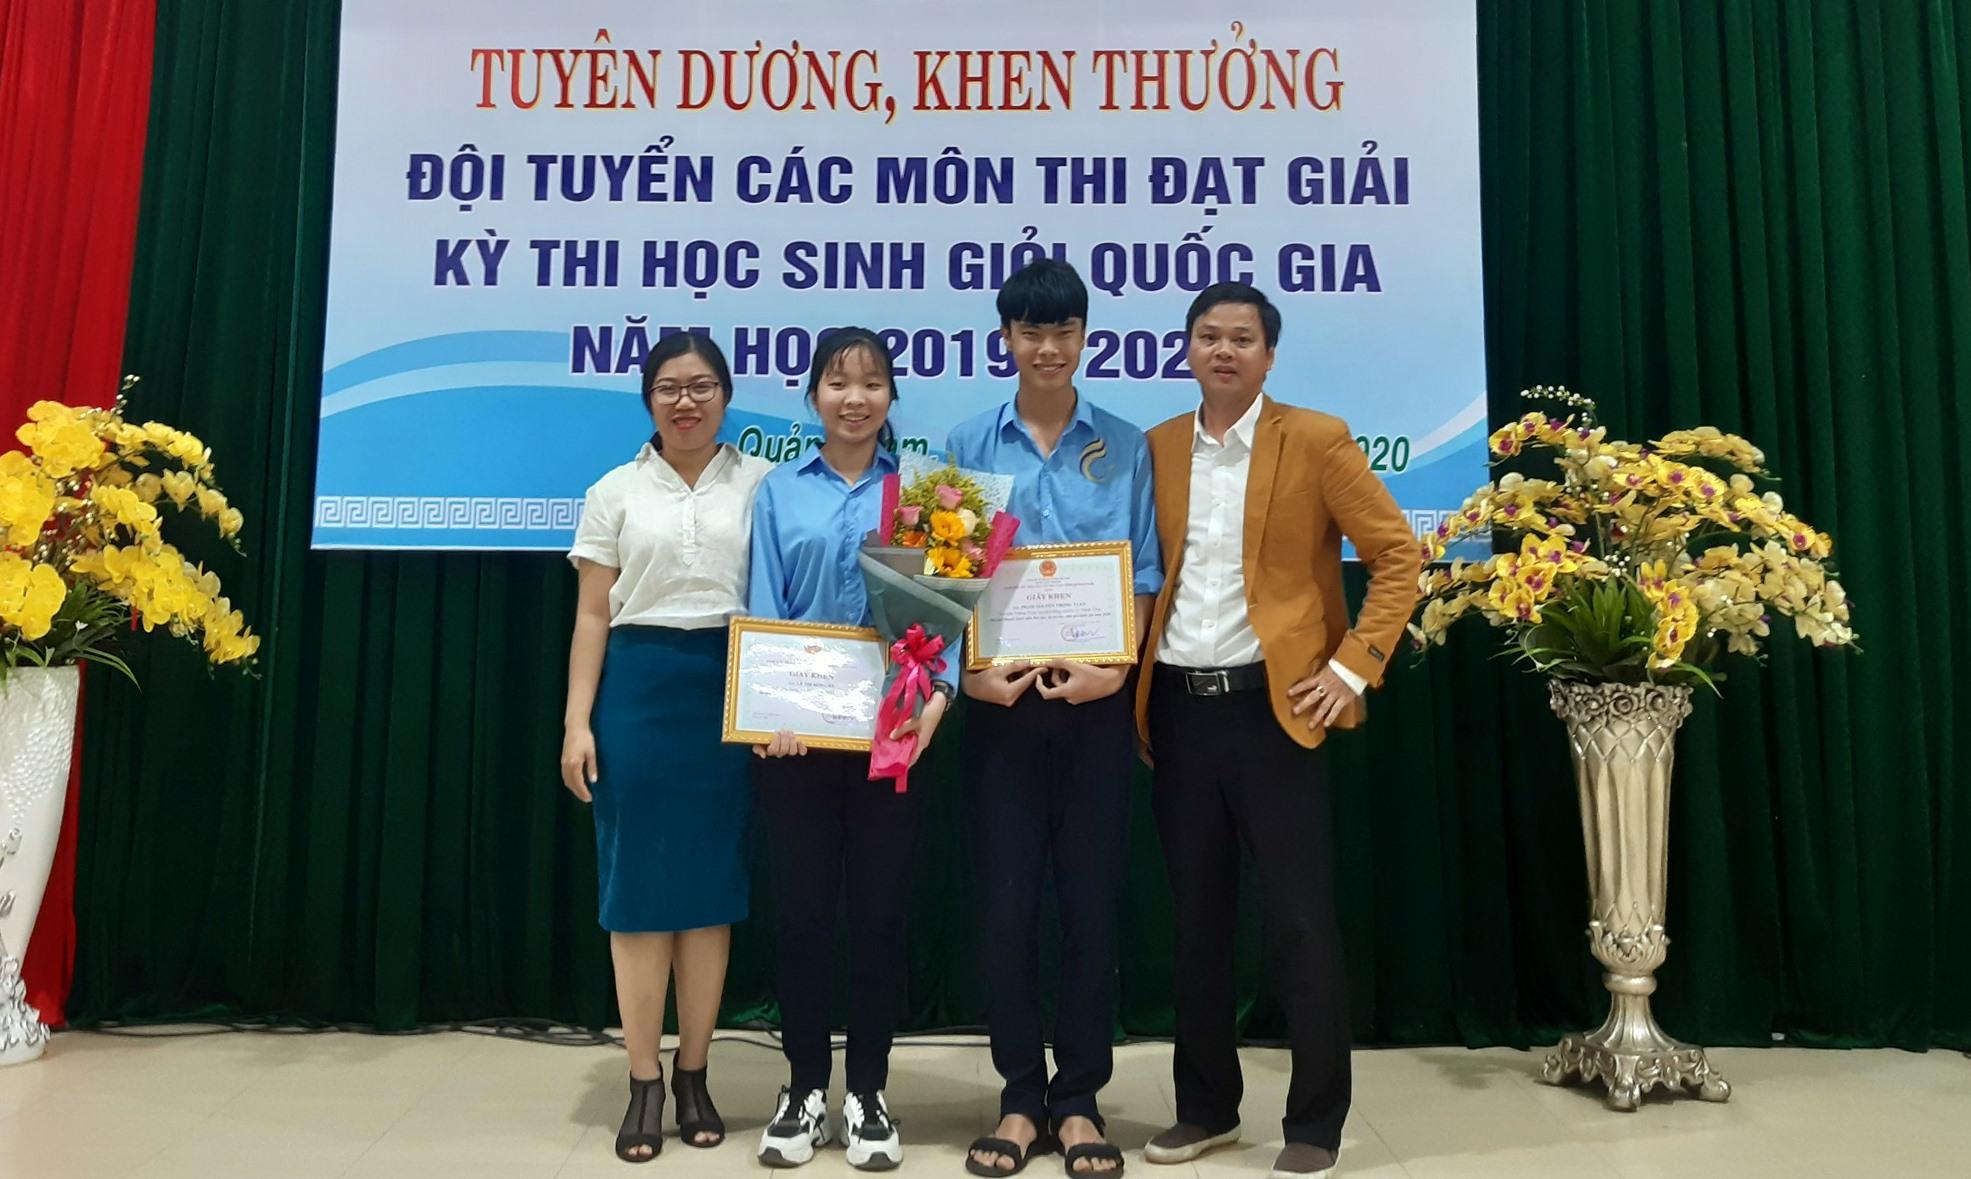 Lê Thị Hồng Hà (thứ 2, từ trái sang) - cô gái mê Hóa học. Ảnh: N.V.C.C